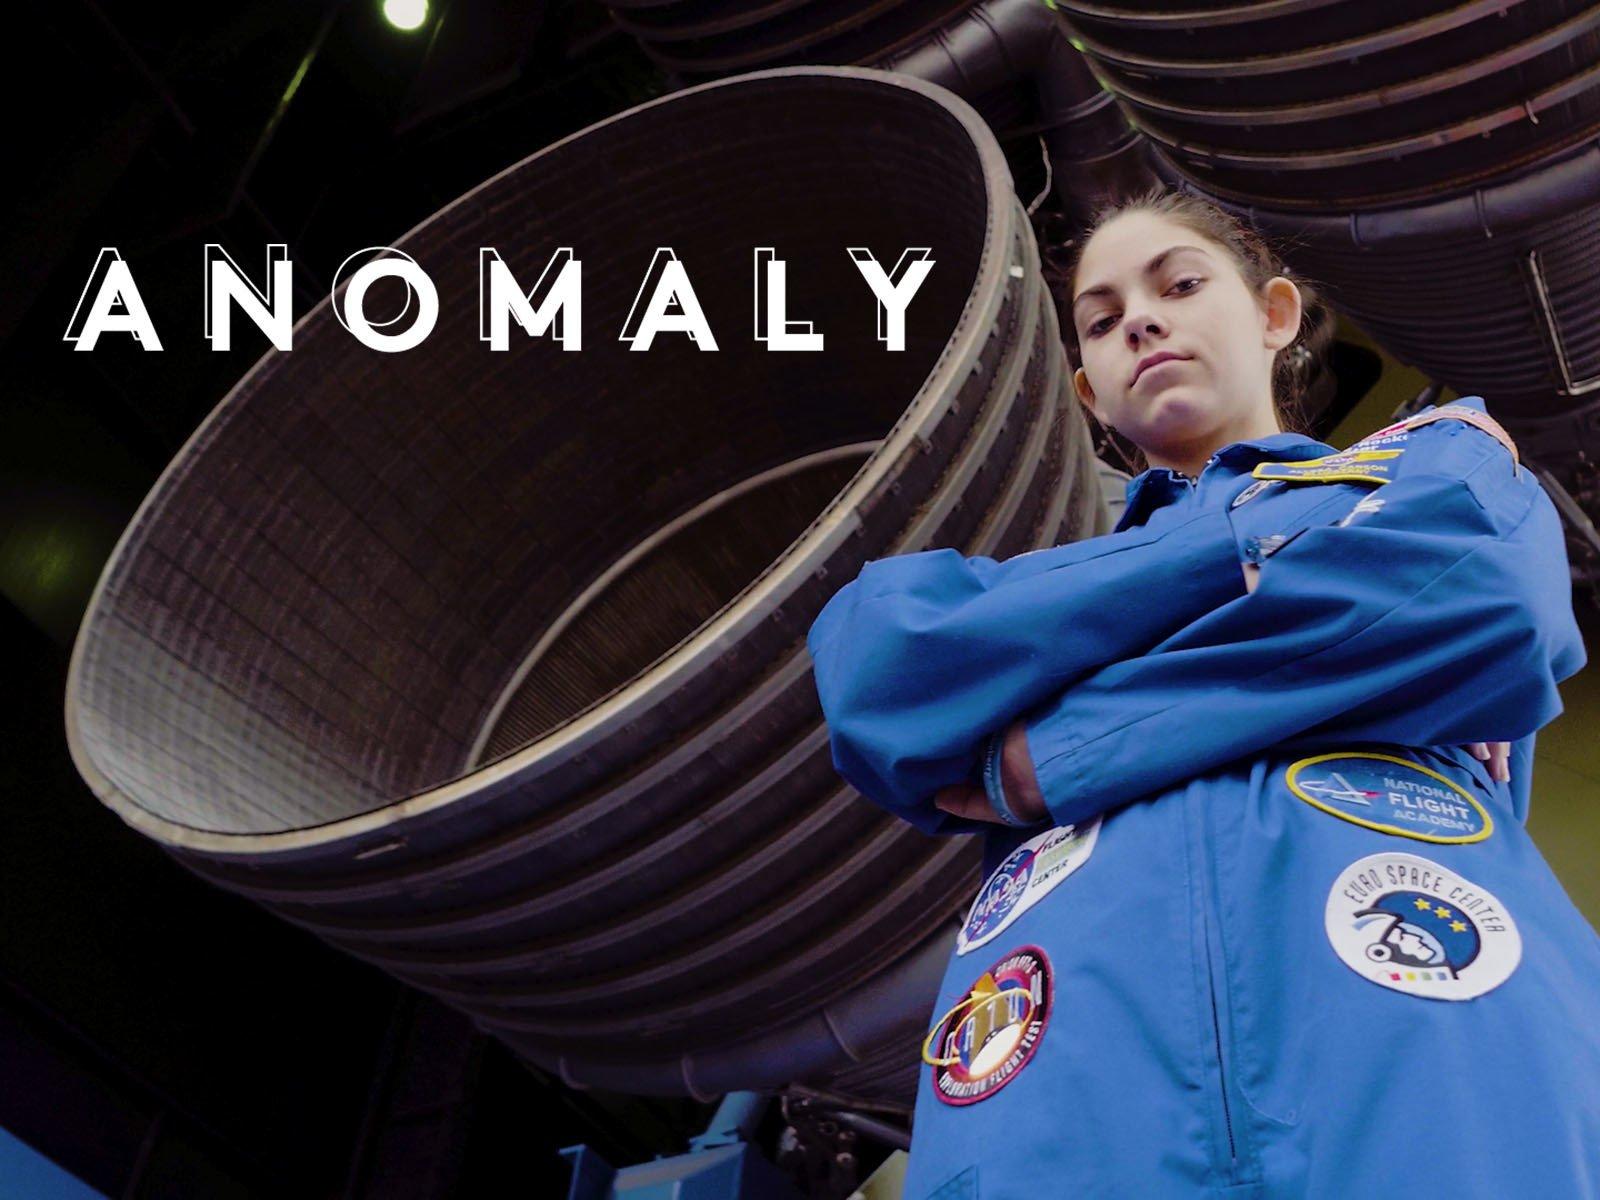 Anomaly - Season 1